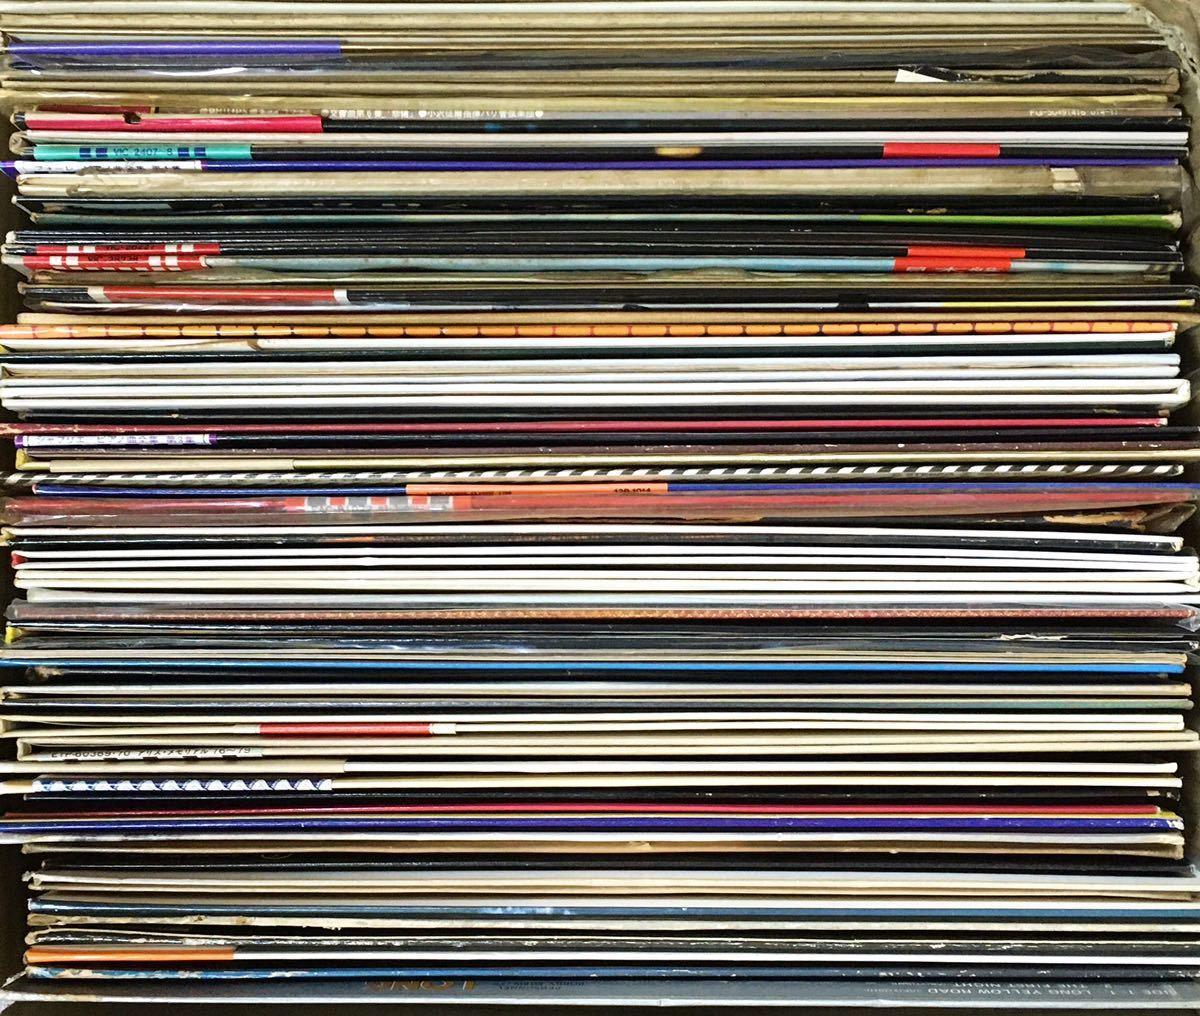 1円スタート!! LPレコード60枚セット JAZZ ジャズ ボーカル ポップス 洋楽 邦楽まとめて① MILES DAVIS , CLIFFORD BROWN_画像2